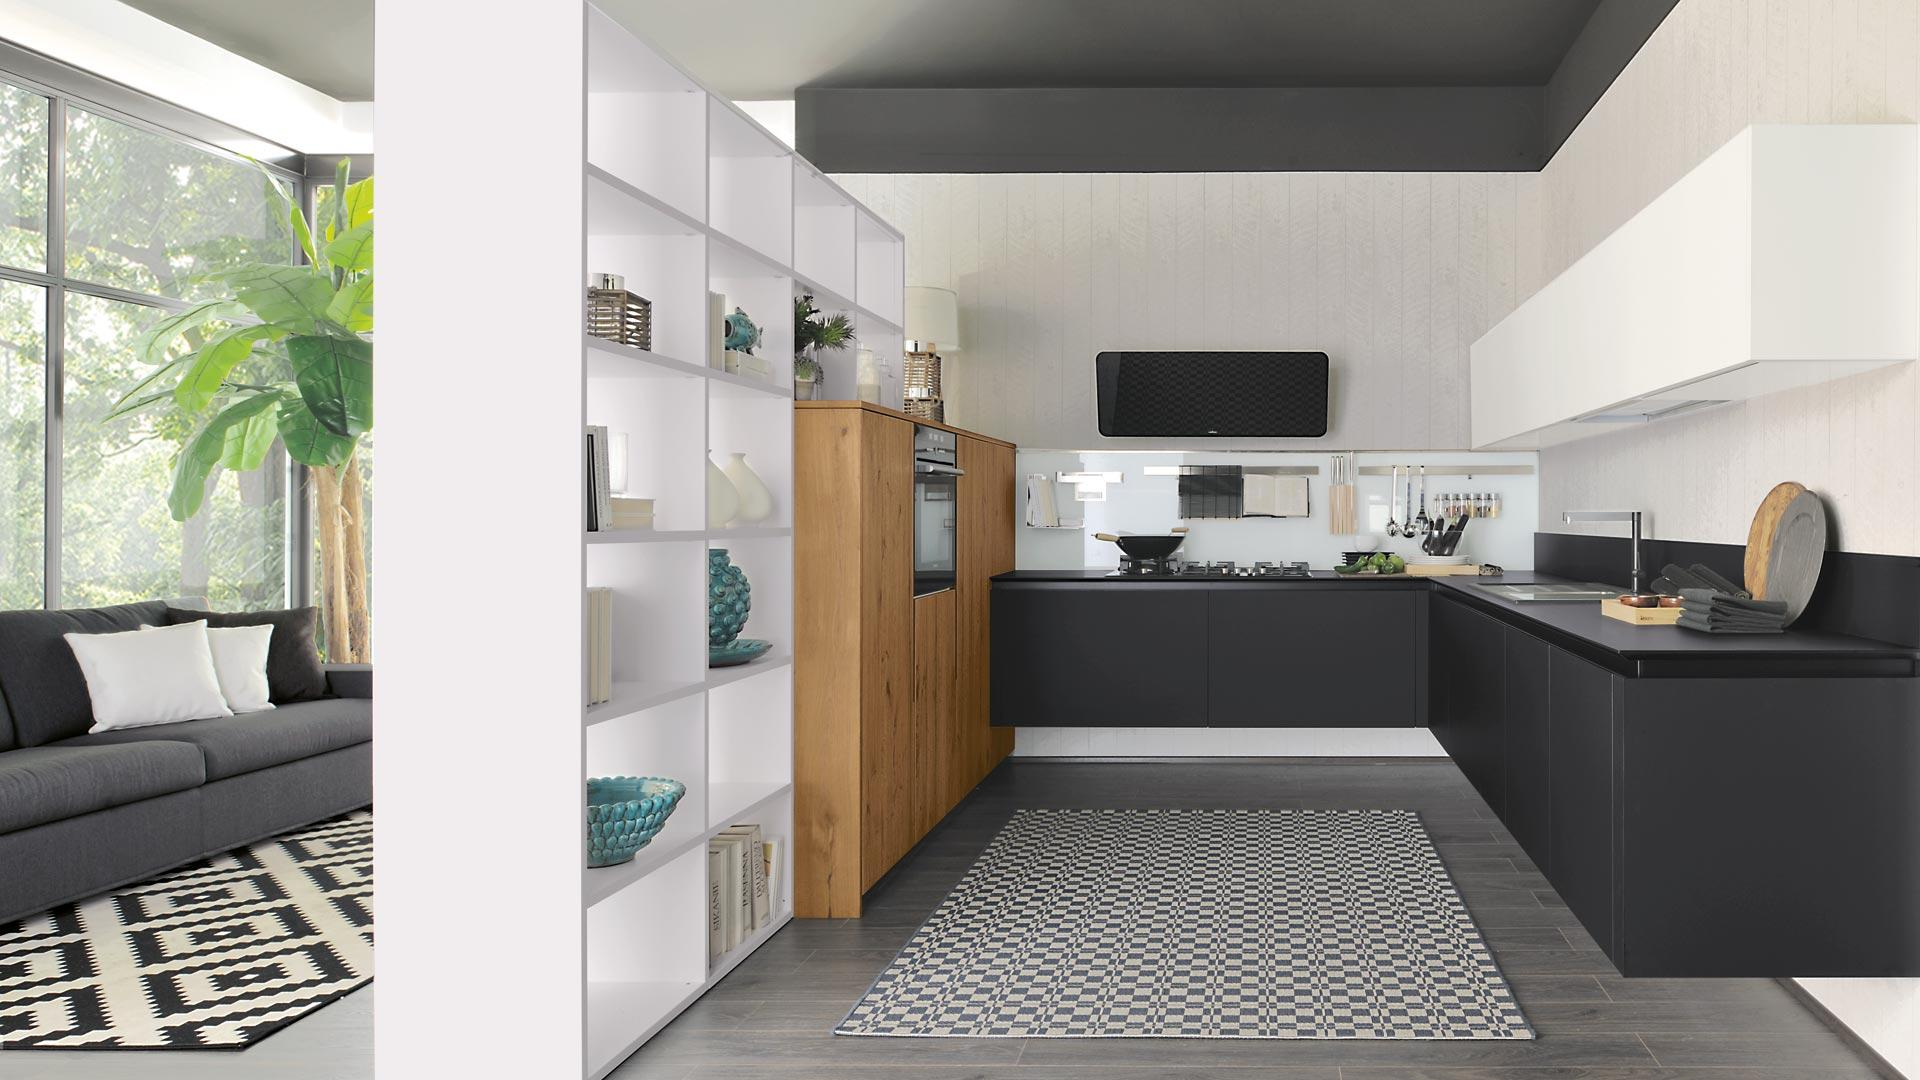 Cucina oltre lube store milano via massena 2 a angolo - Cucina oltre lube ...